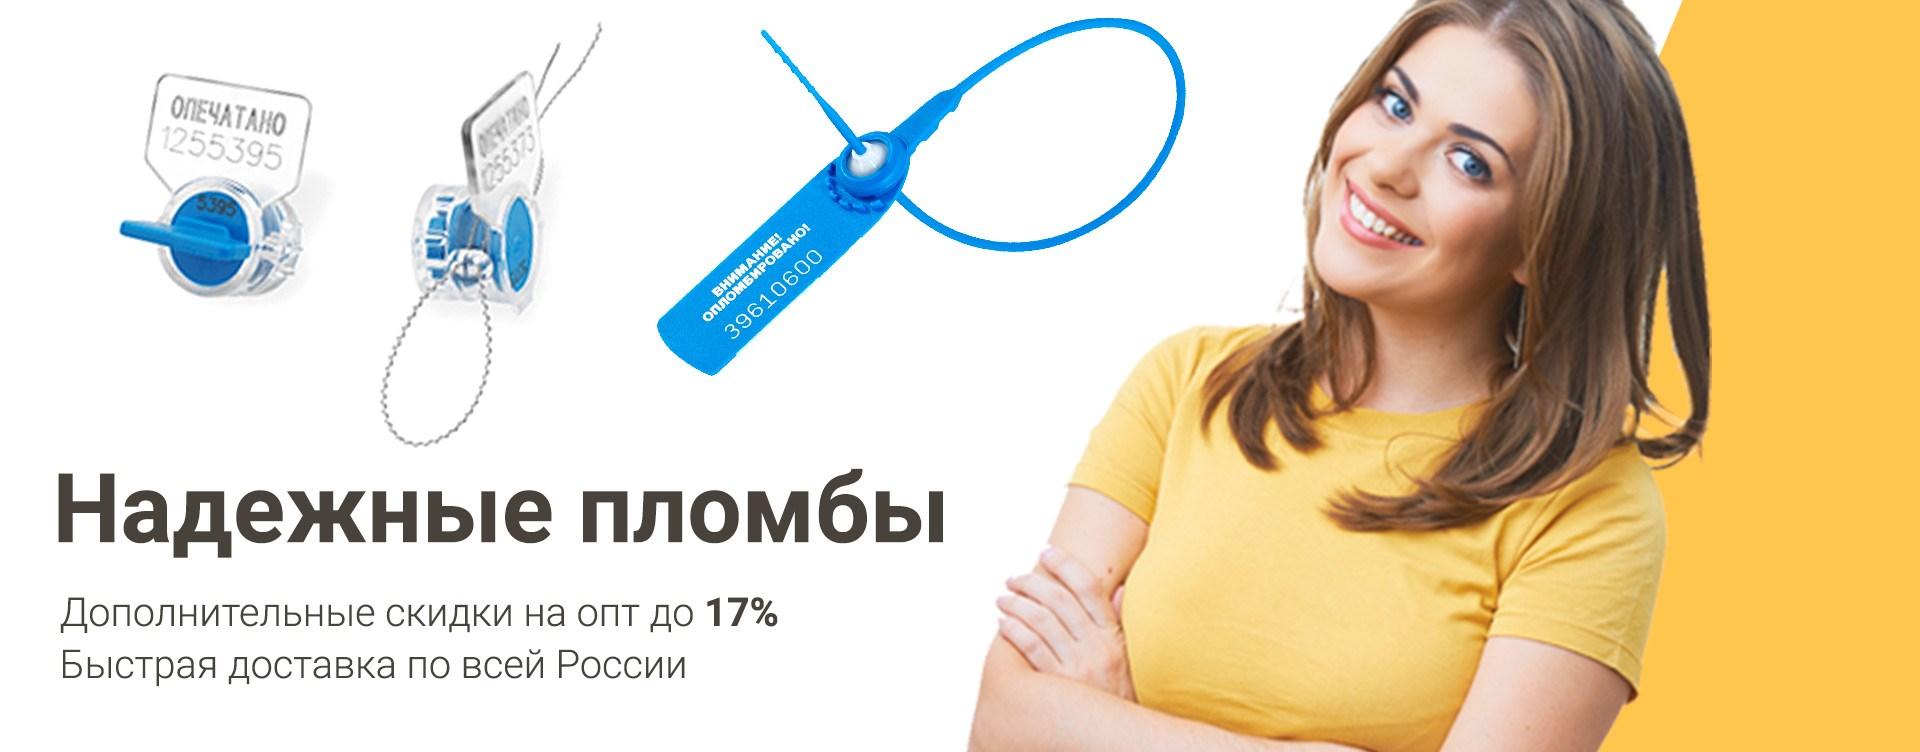 Интернет-магазин ппластиковые пломбы наклейки